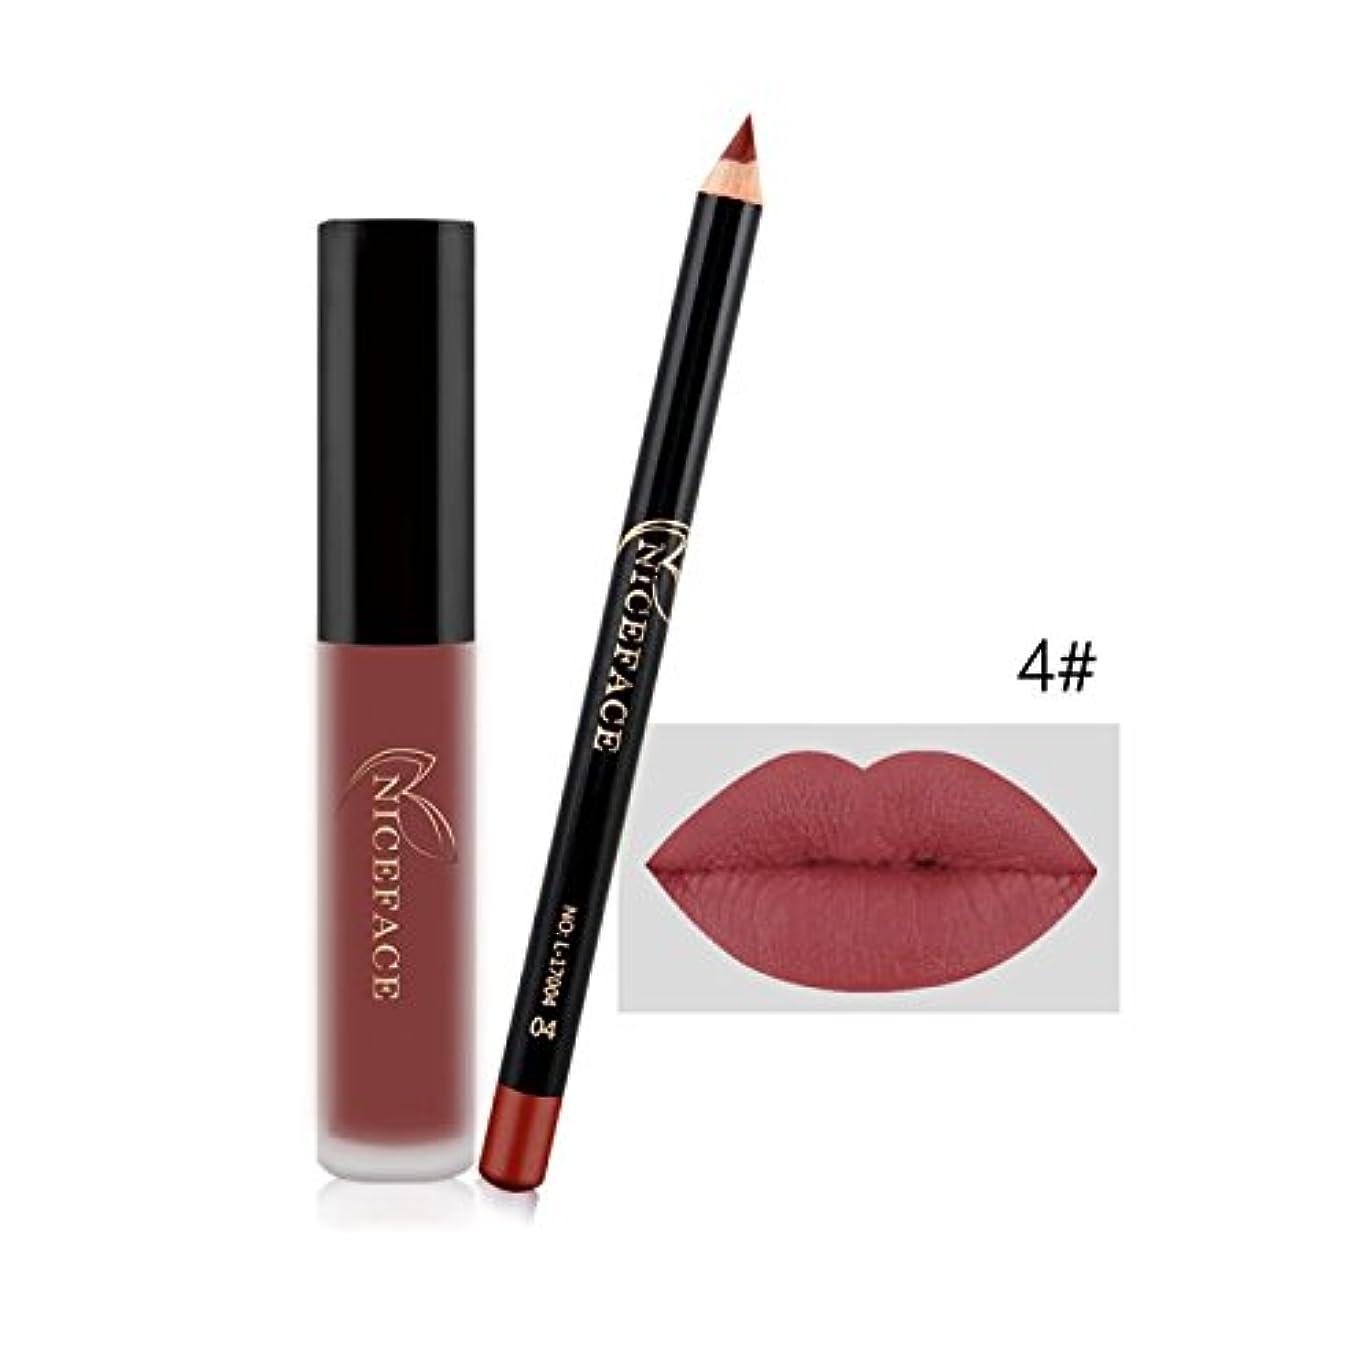 壁紙ミンチ支援(4#) Makeup Set Lip Gloss + Lip Liner Set Lip Set Matte Lipstick Long Lasting Waterproof Solid Lip Pencil Liner Set Newest